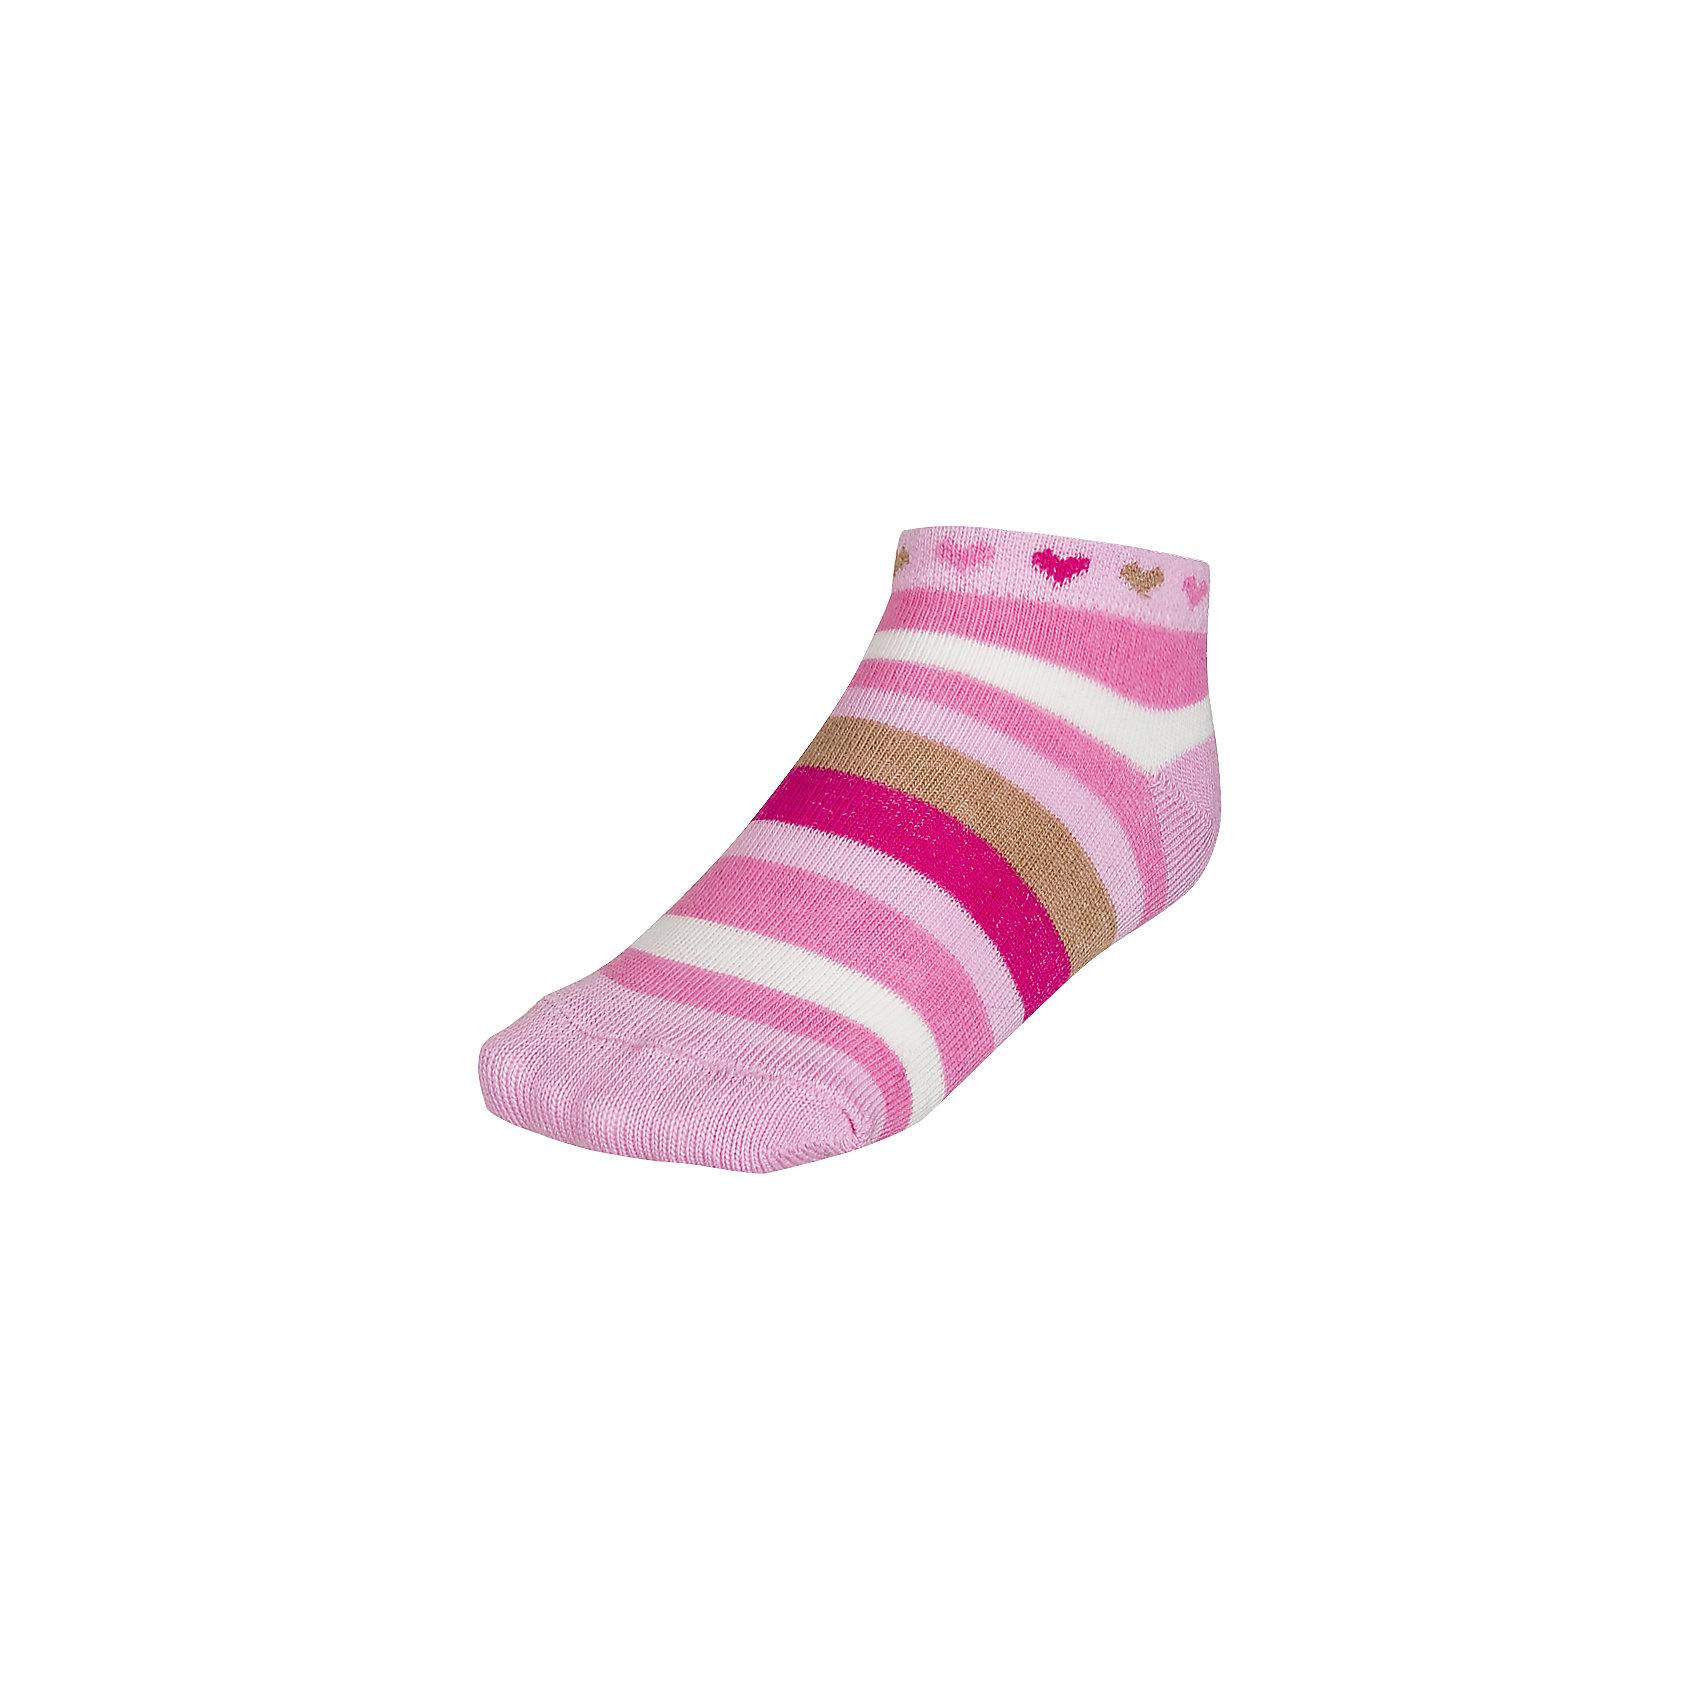 Носки ( 3 пары) для девочки BaykarНоски<br>Характеристики товара:<br><br>• цвет: розовый<br>• состав ткани: 75% хлопок; 22% полиамид; 3% эластан<br>• комплектация: 3 пары<br>• сезон: круглый год<br>• страна бренда: Турция<br>• страна изготовитель: Турция<br><br>Качественные носки для ребенка должны быть мягкими и дышащими. Этот набор носков для девочки от турецкого бренда Baykar позволит обеспечить ногам детей удобство.<br><br>Хлопковые носки хорошо впитывают влагу, не натирают. Мягкая резинка не давит на ногу.<br><br>Носки для девочки (3 пары) Baykar (Байкар) можно купить в нашем интернет-магазине.<br><br>Ширина мм: 87<br>Глубина мм: 10<br>Высота мм: 105<br>Вес г: 115<br>Цвет: розовый<br>Возраст от месяцев: 6<br>Возраст до месяцев: 12<br>Пол: Женский<br>Возраст: Детский<br>Размер: 10-12,16-18,15/16<br>SKU: 6863903